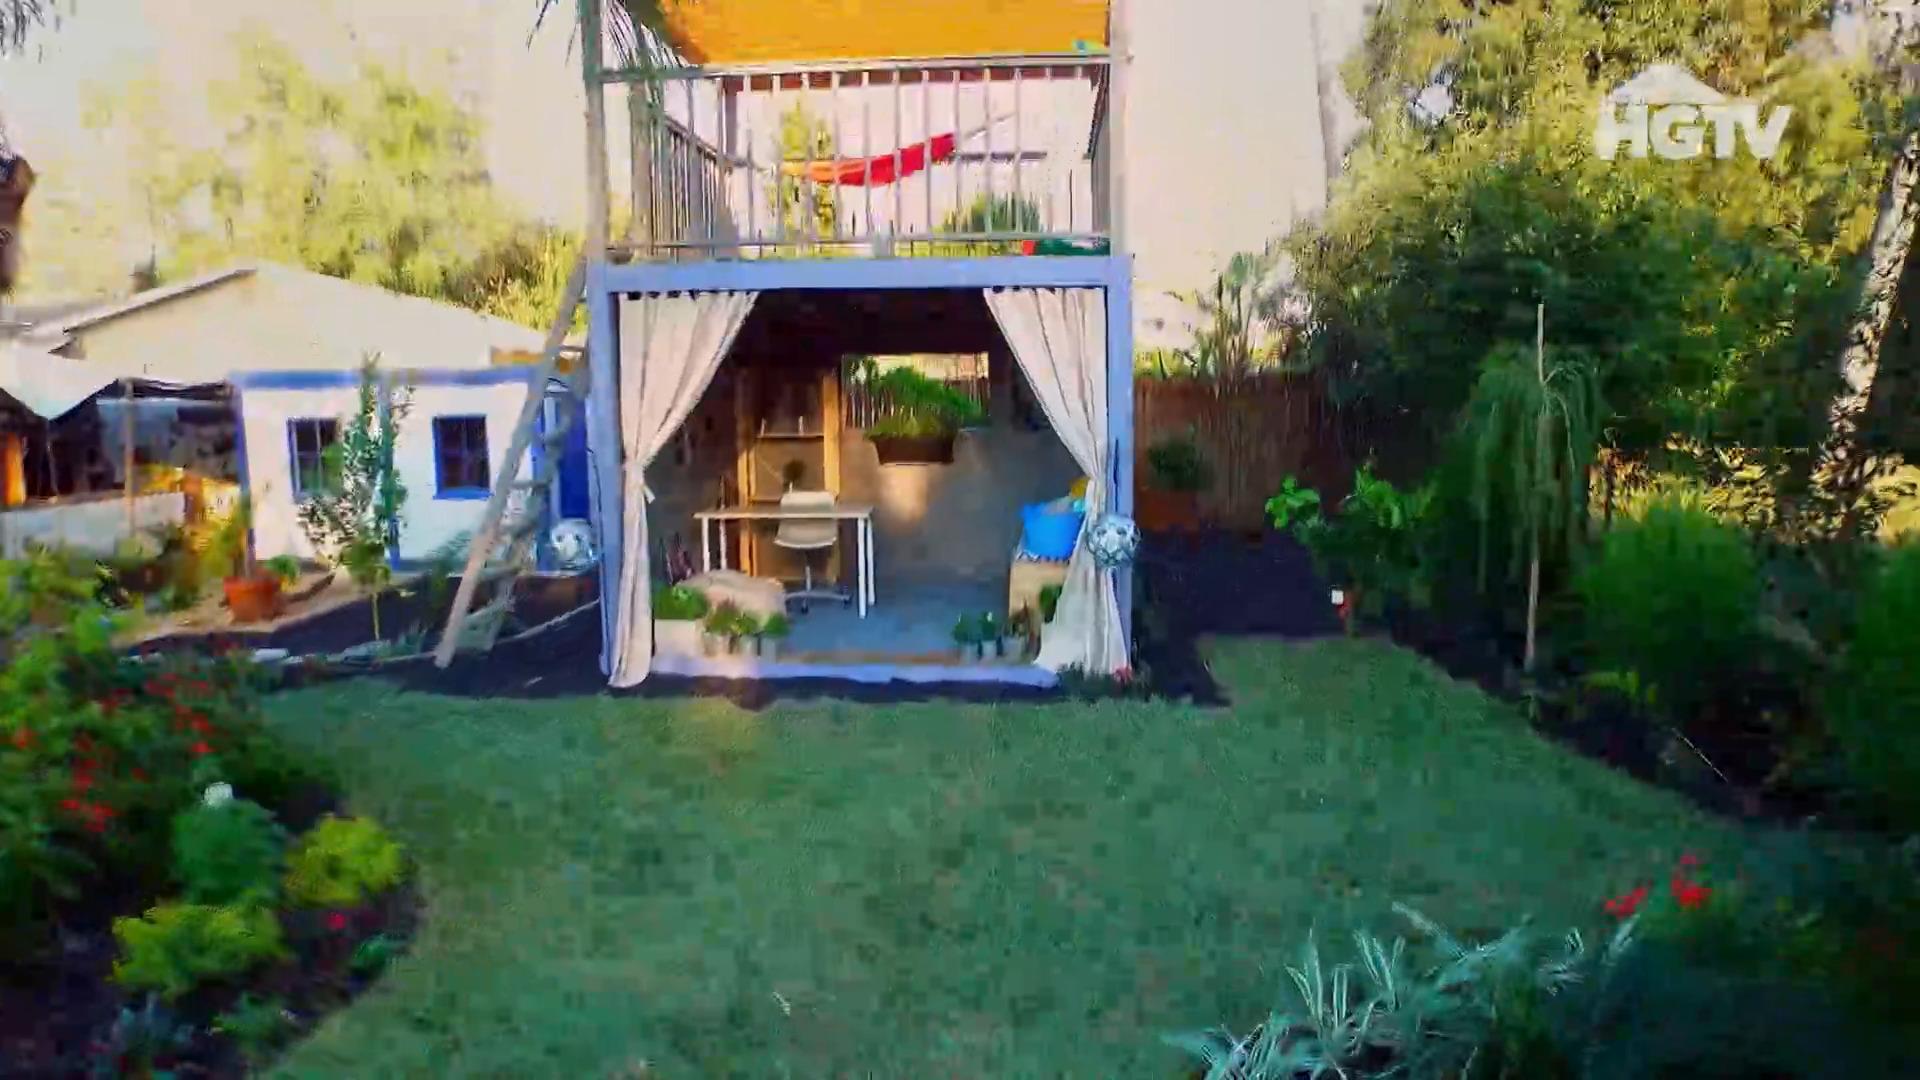 ¿Dónde tuvo lugar la filmación de la adquisición del patio trasero? 3